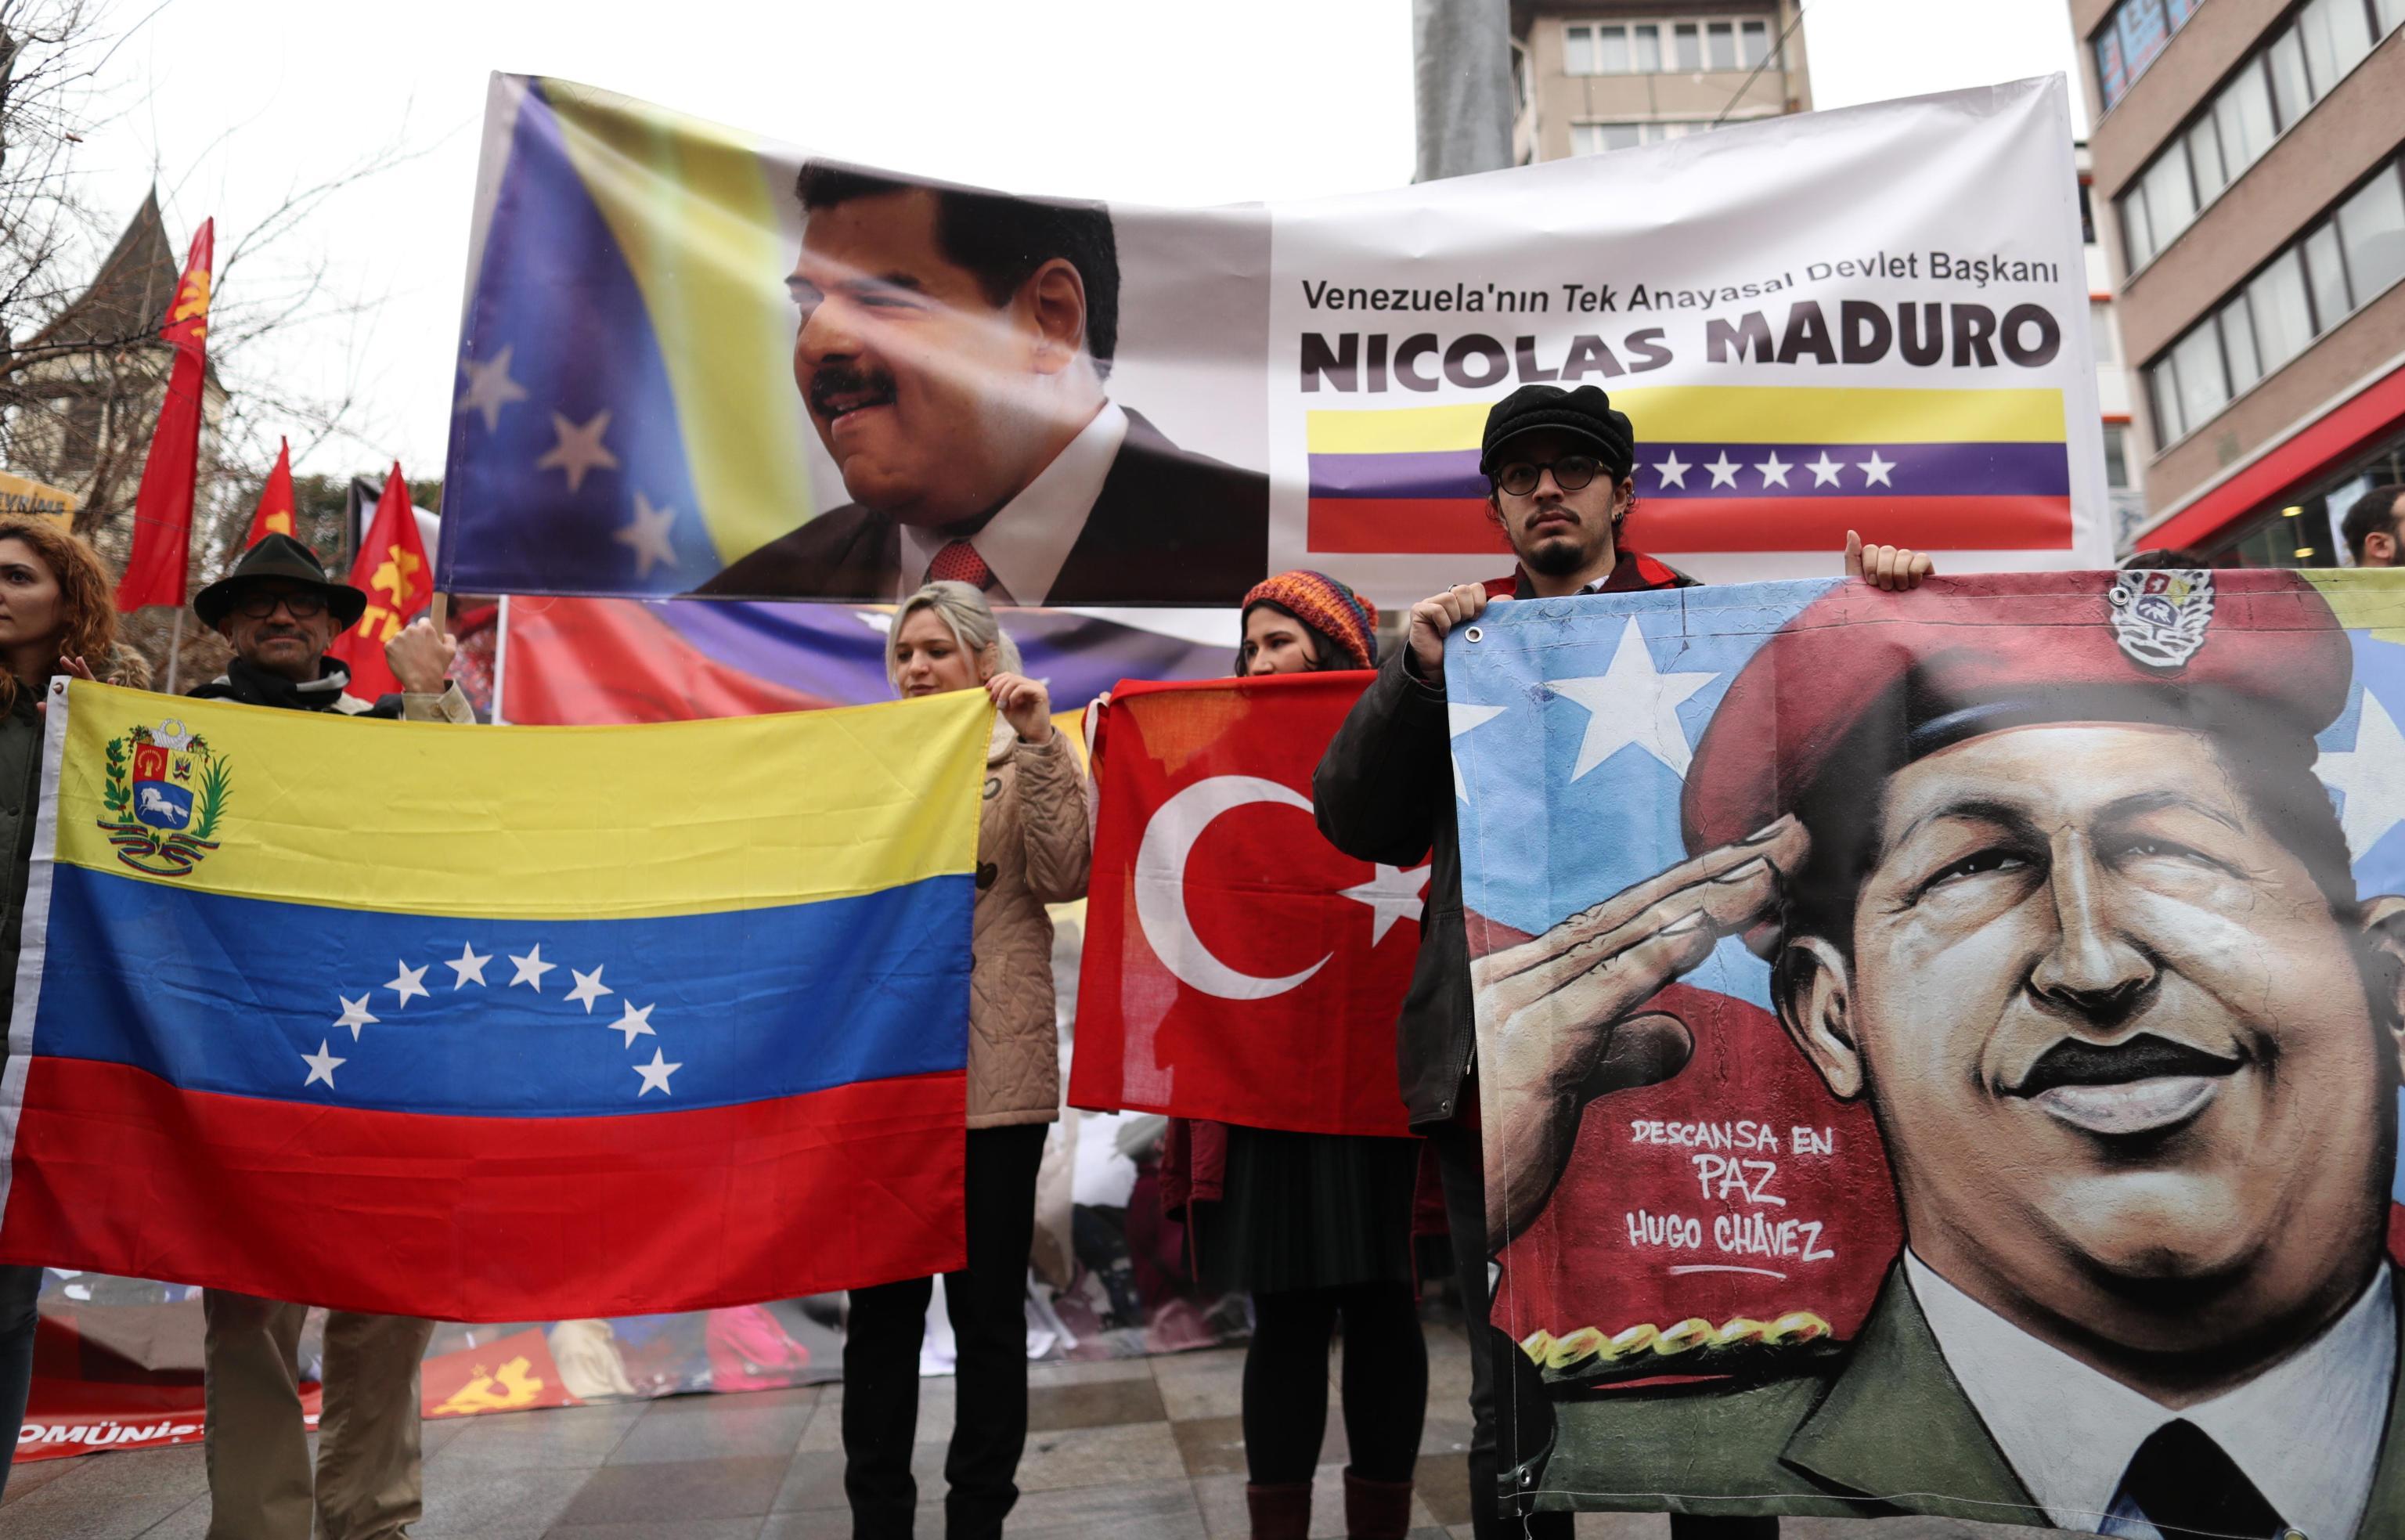 Anche ad Istanbul le persone sono scese in piazza a favore del presidente venezuelano